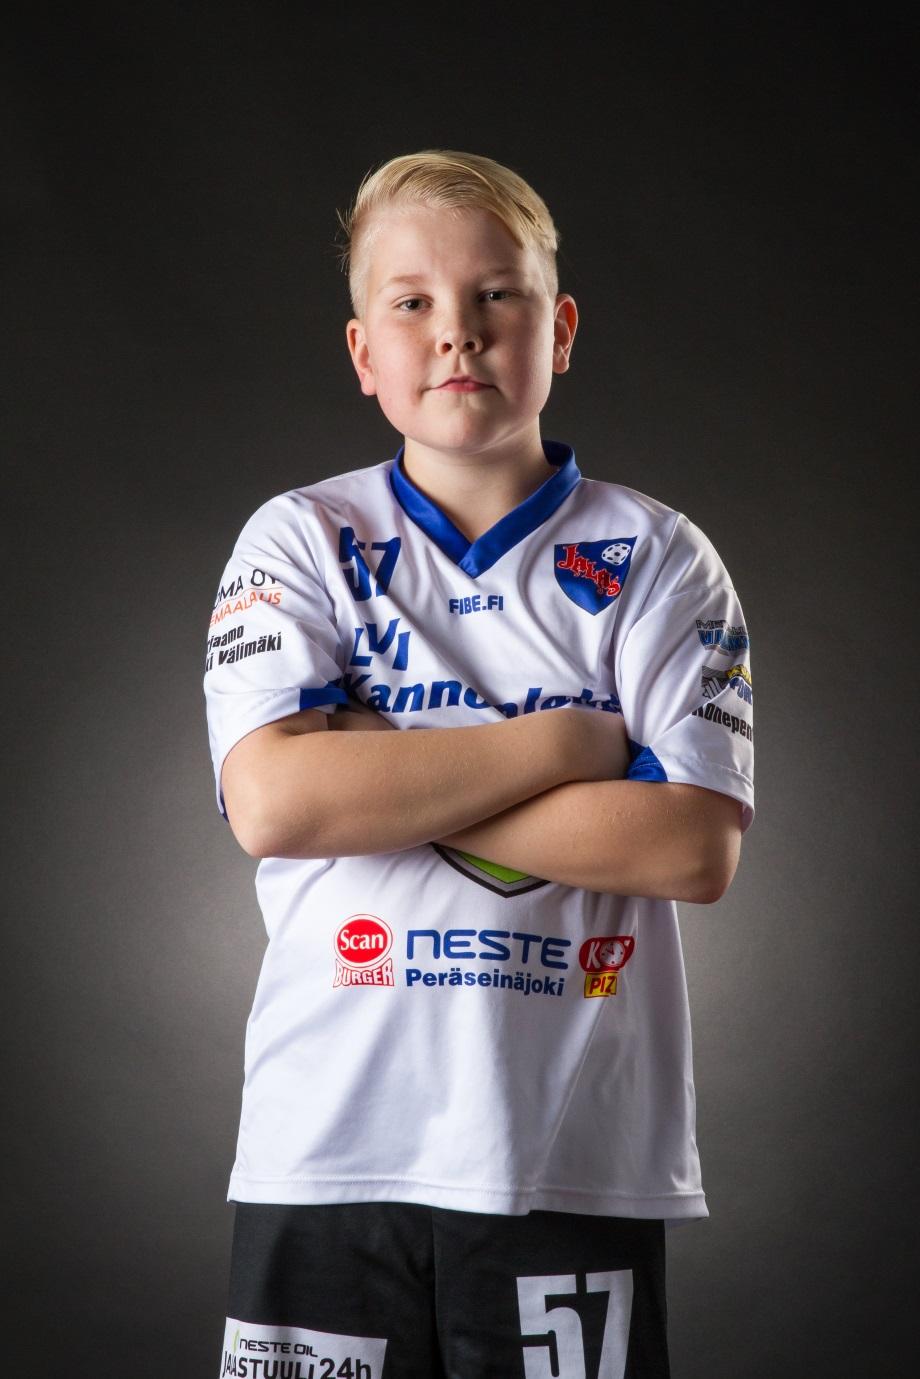 #57 Rasmus Kattelus